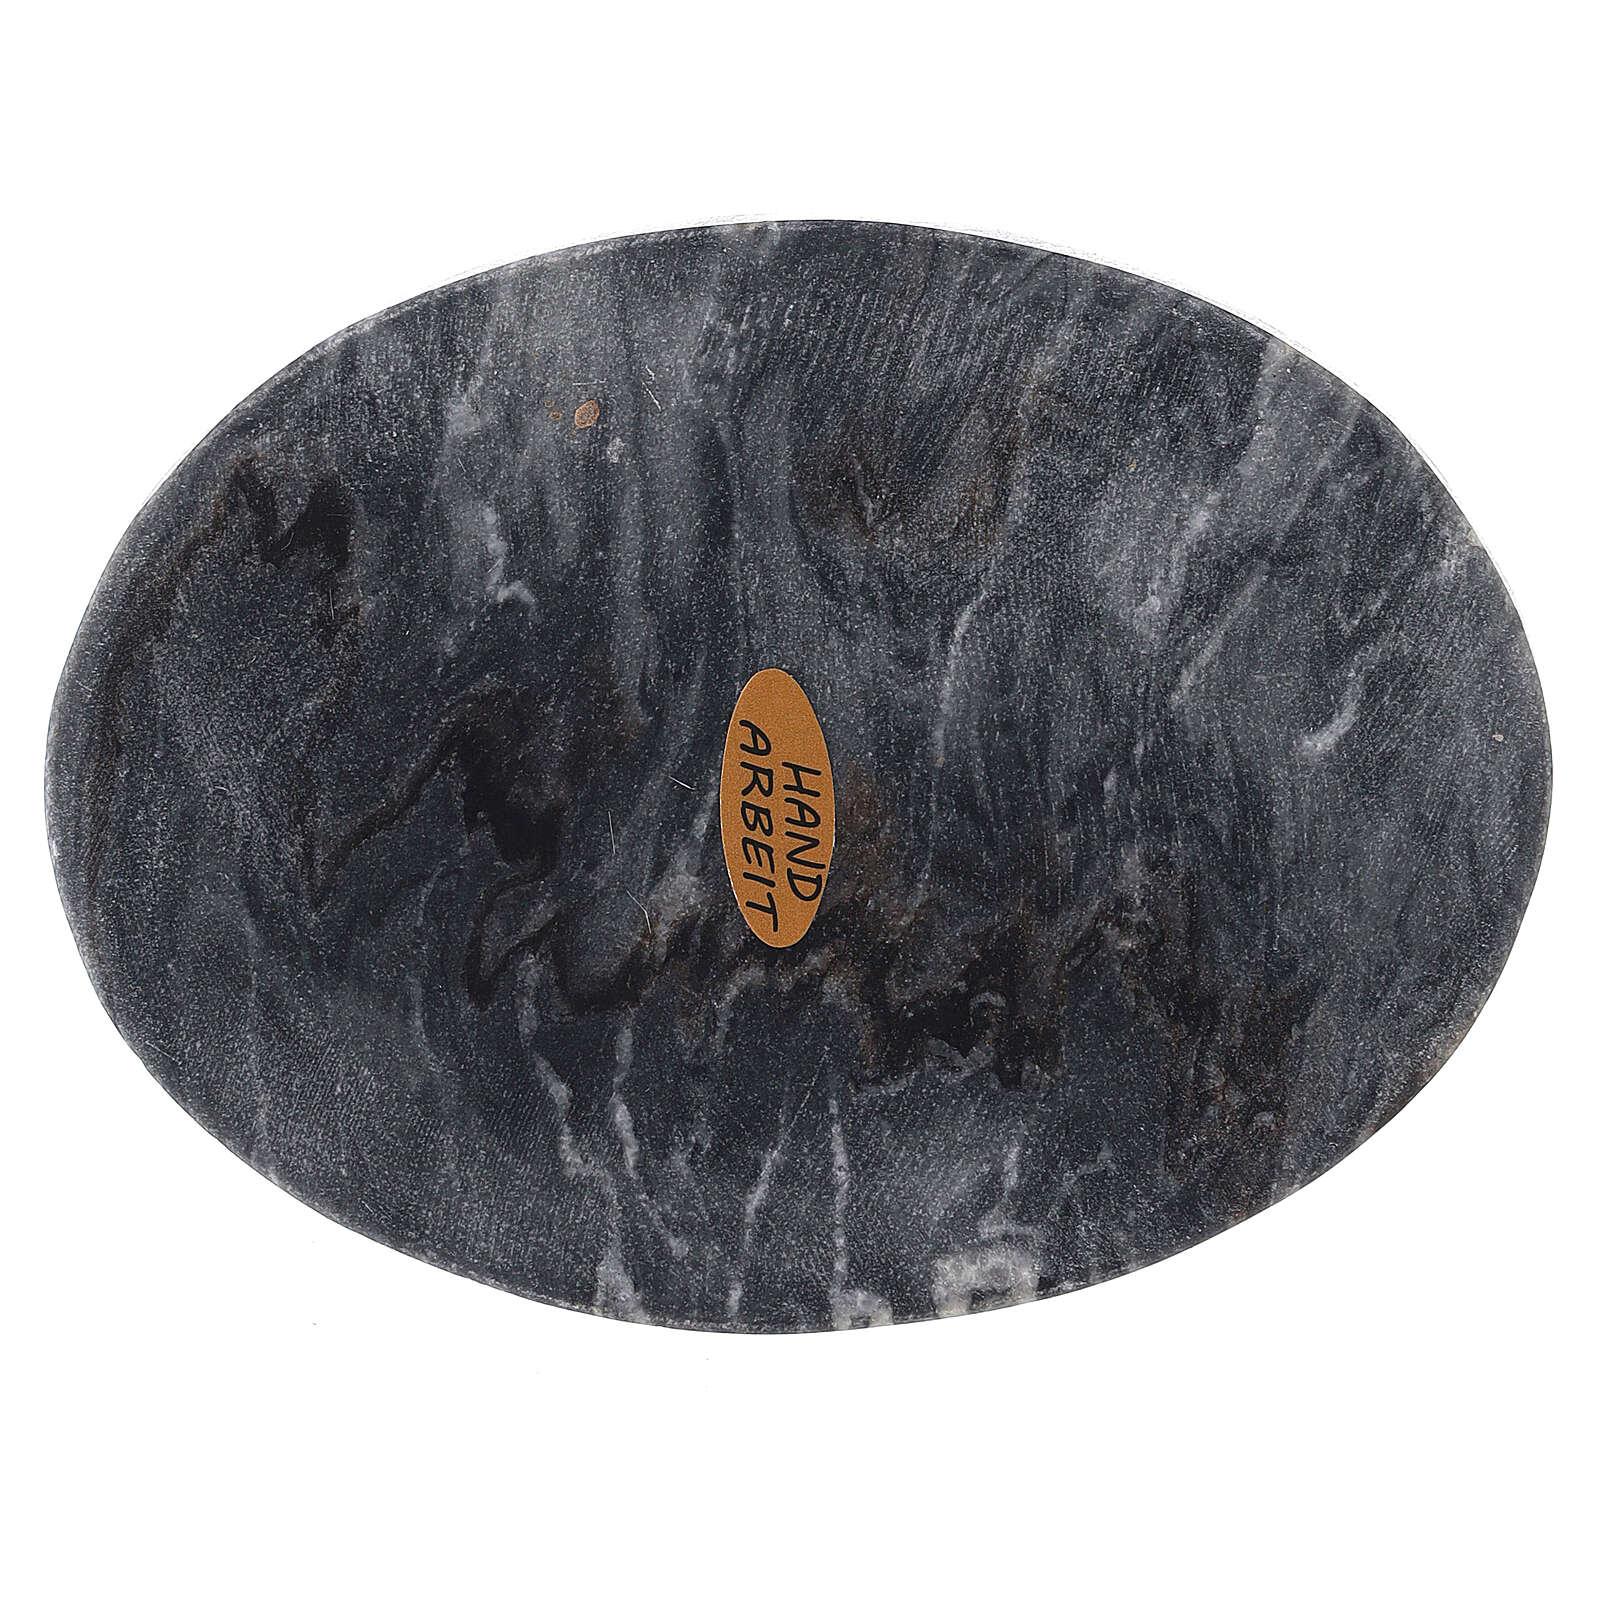 Plato portacirio ovalado piedra natural 13x10 cm 3